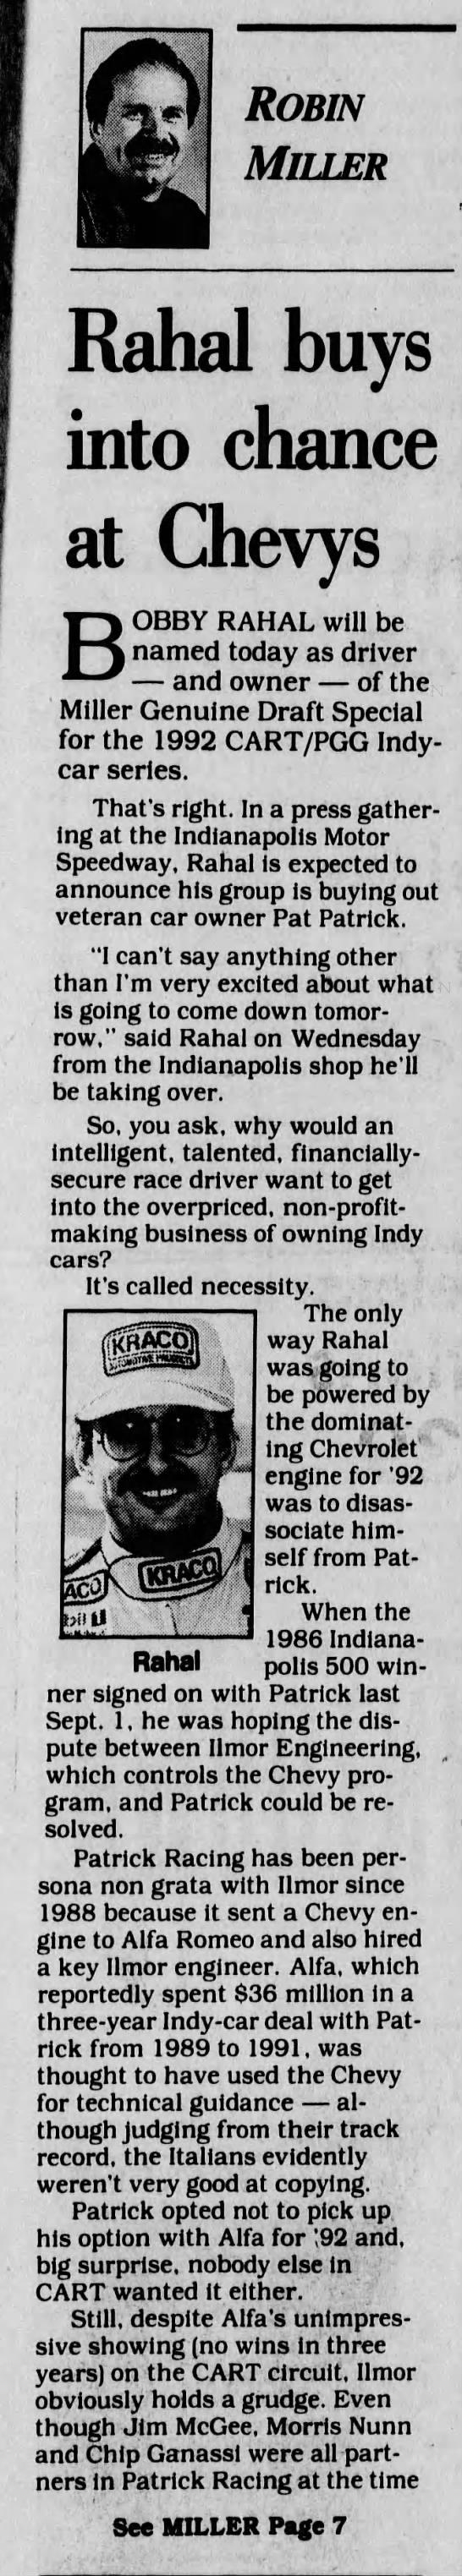 Bobby Rahal / Patrick Racing 1991 -